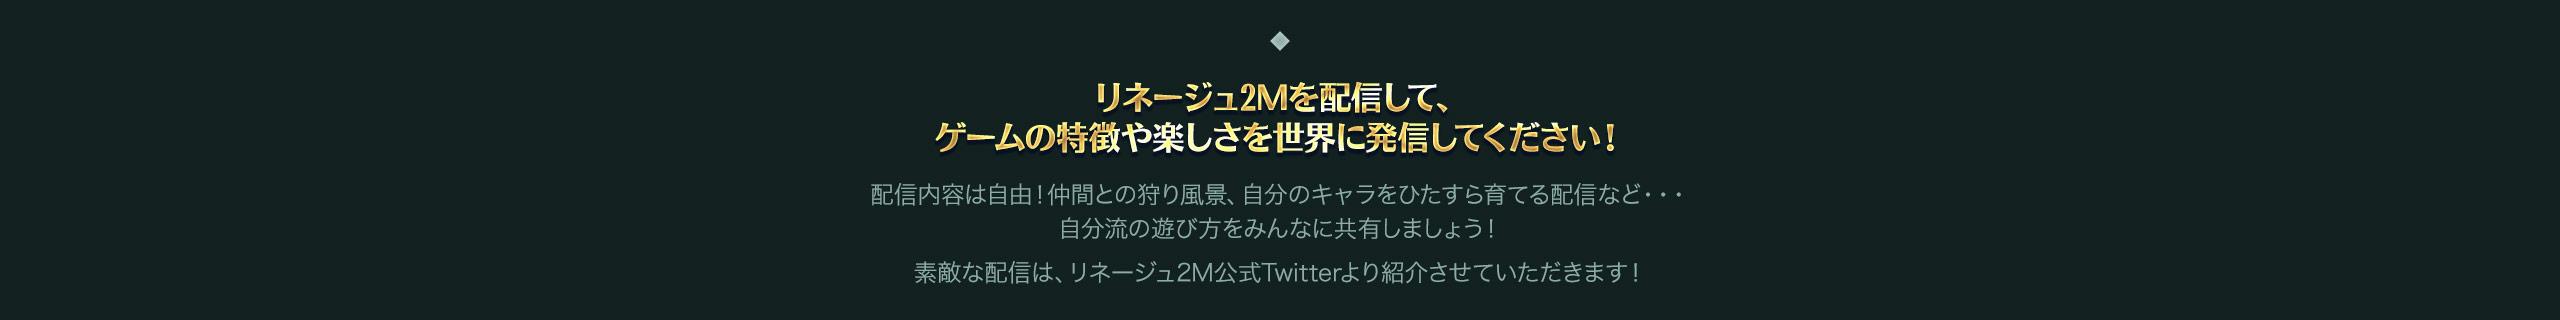 リネージュ2Mを配信して、ゲームの特徴や楽しさを世界に発信してください!